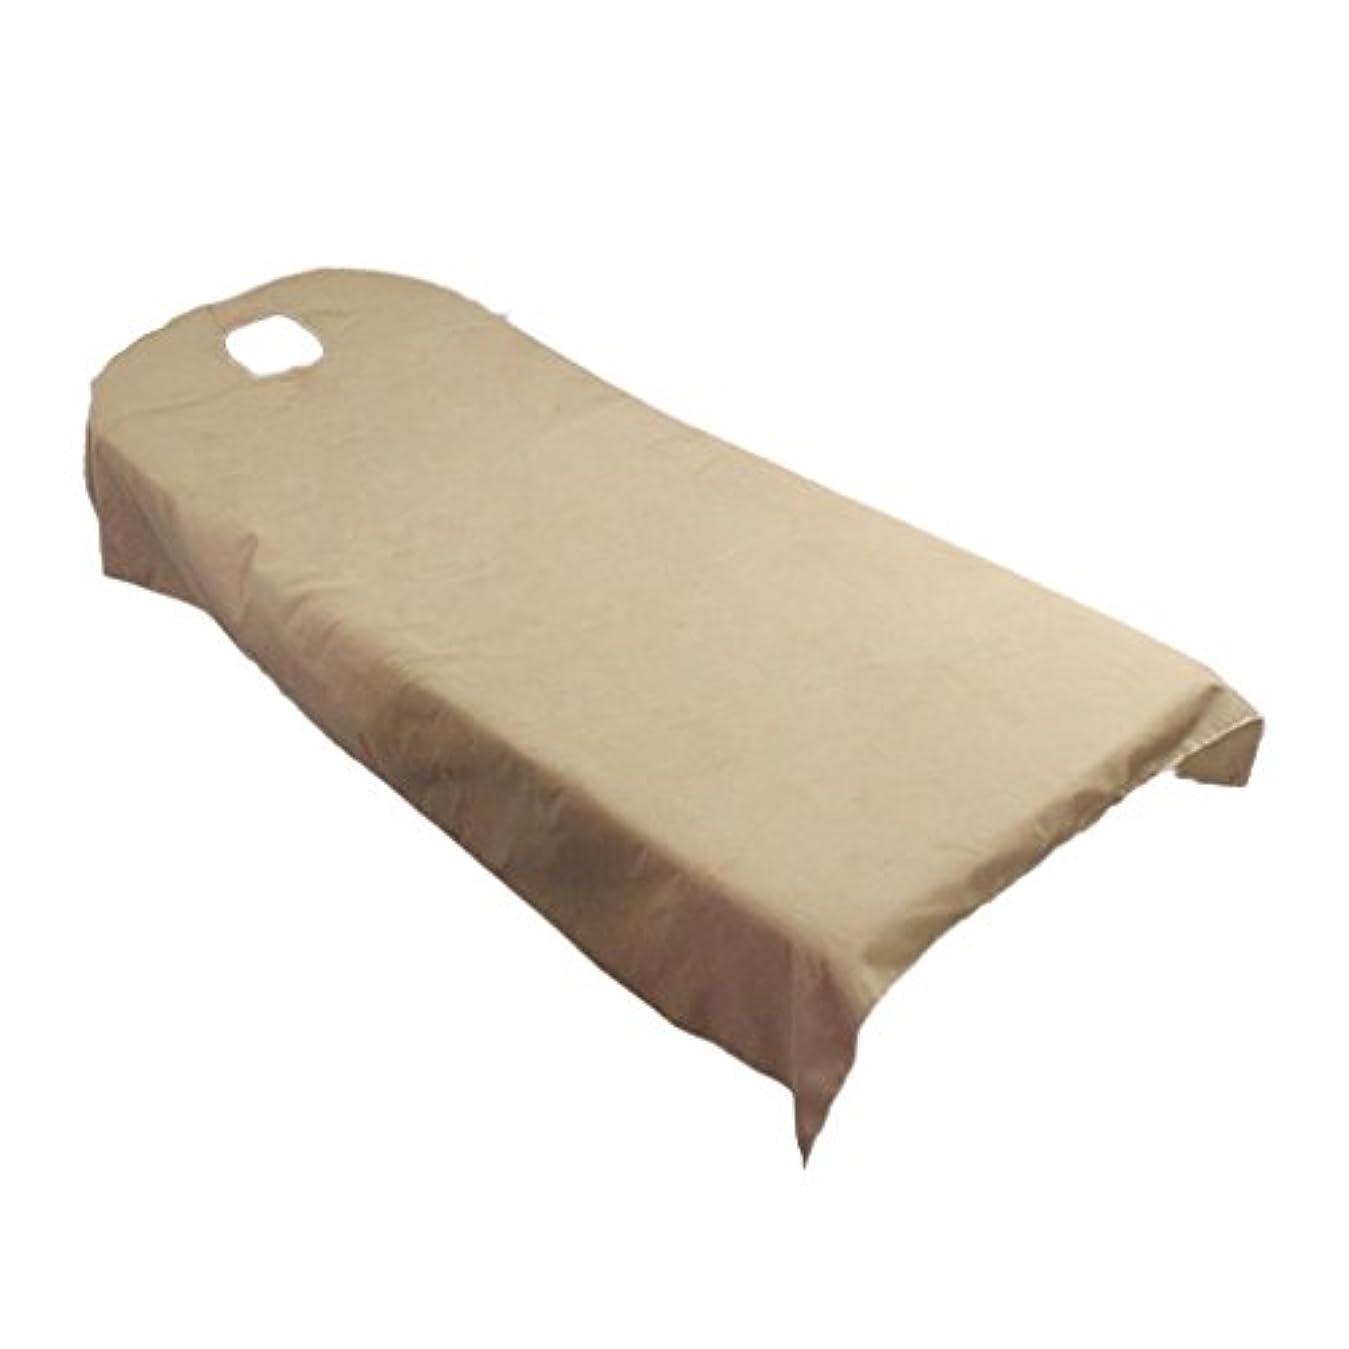 全員嘆く無効タオル地 ベッドカバー ソファーカバー シート 面部の位置 ホール付き 美容/マッサージ/SPA 用 9色選べる - キャメル